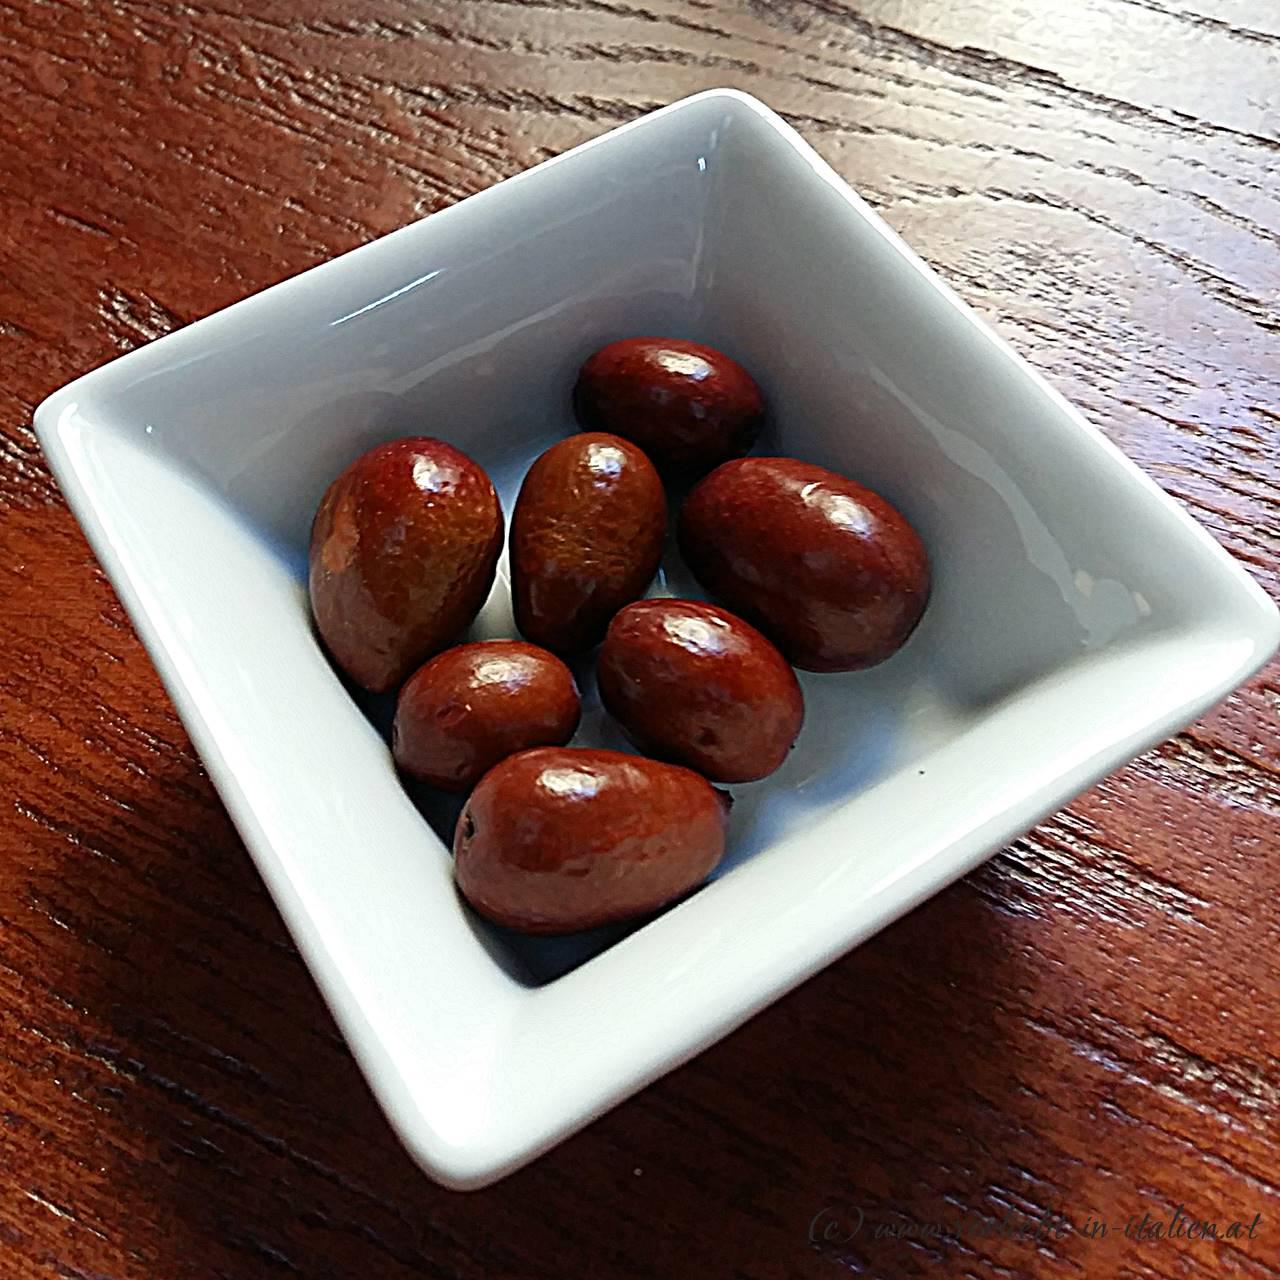 Früchte - keine Oliven!